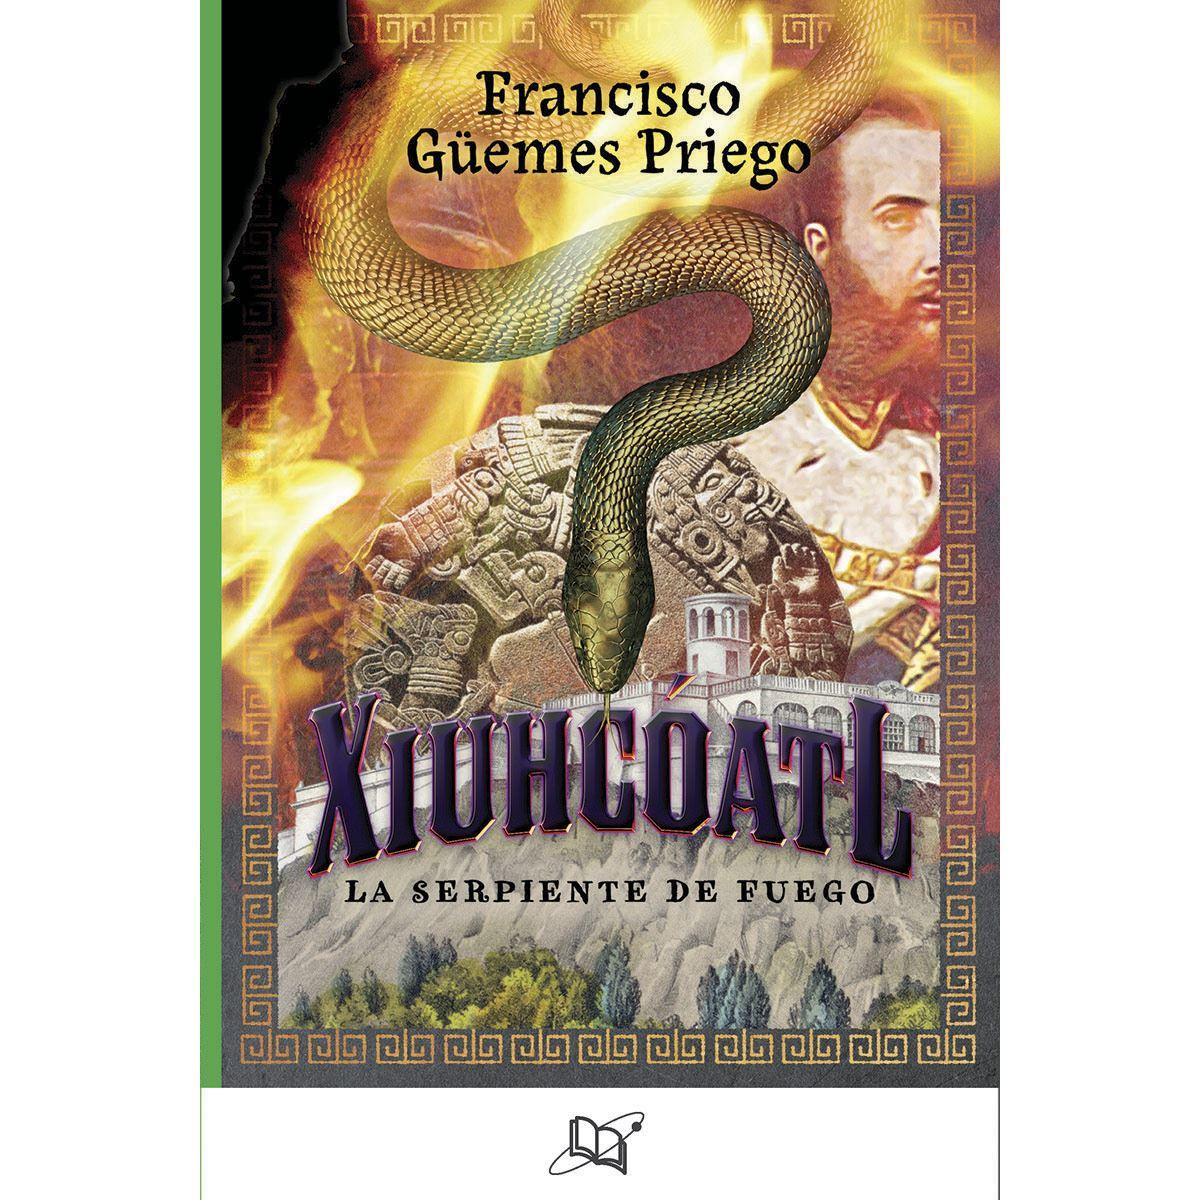 Xiuhcoatl la serpiente de fuego